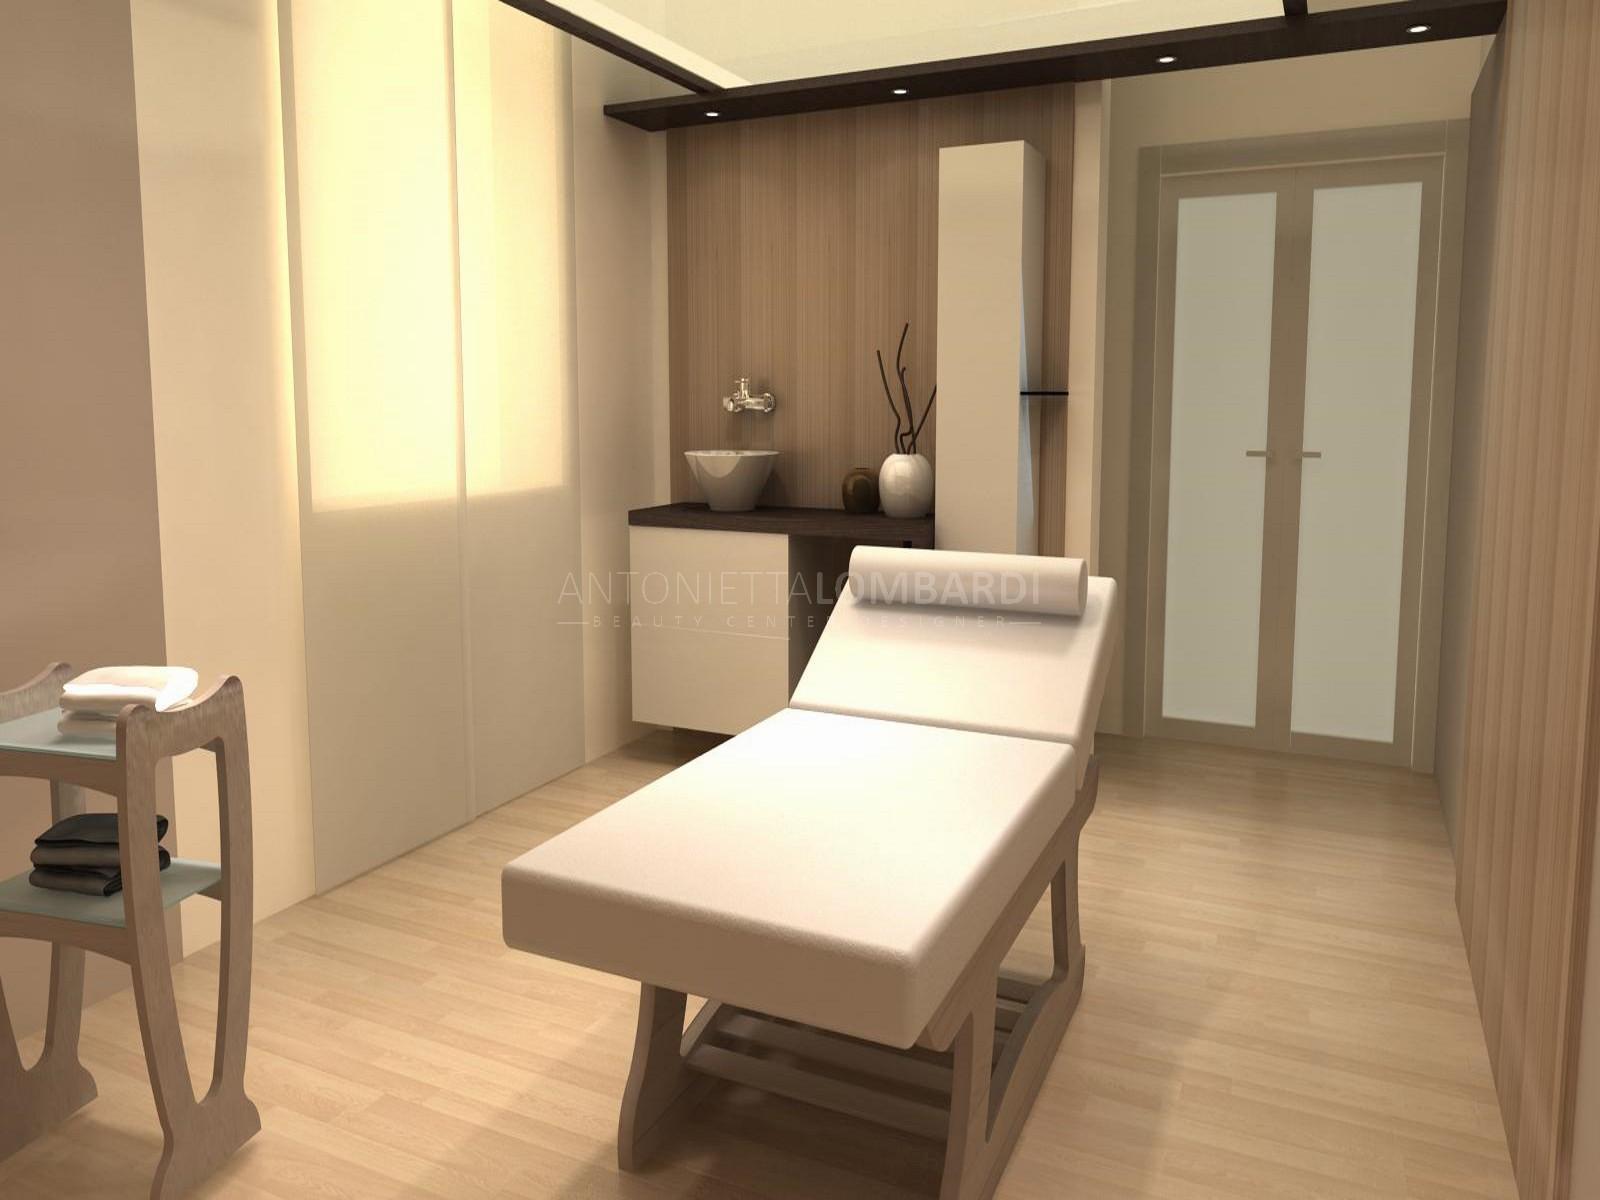 Arredamentiperestetica cabina estetica realizzazione roma for Centro arredamenti roma